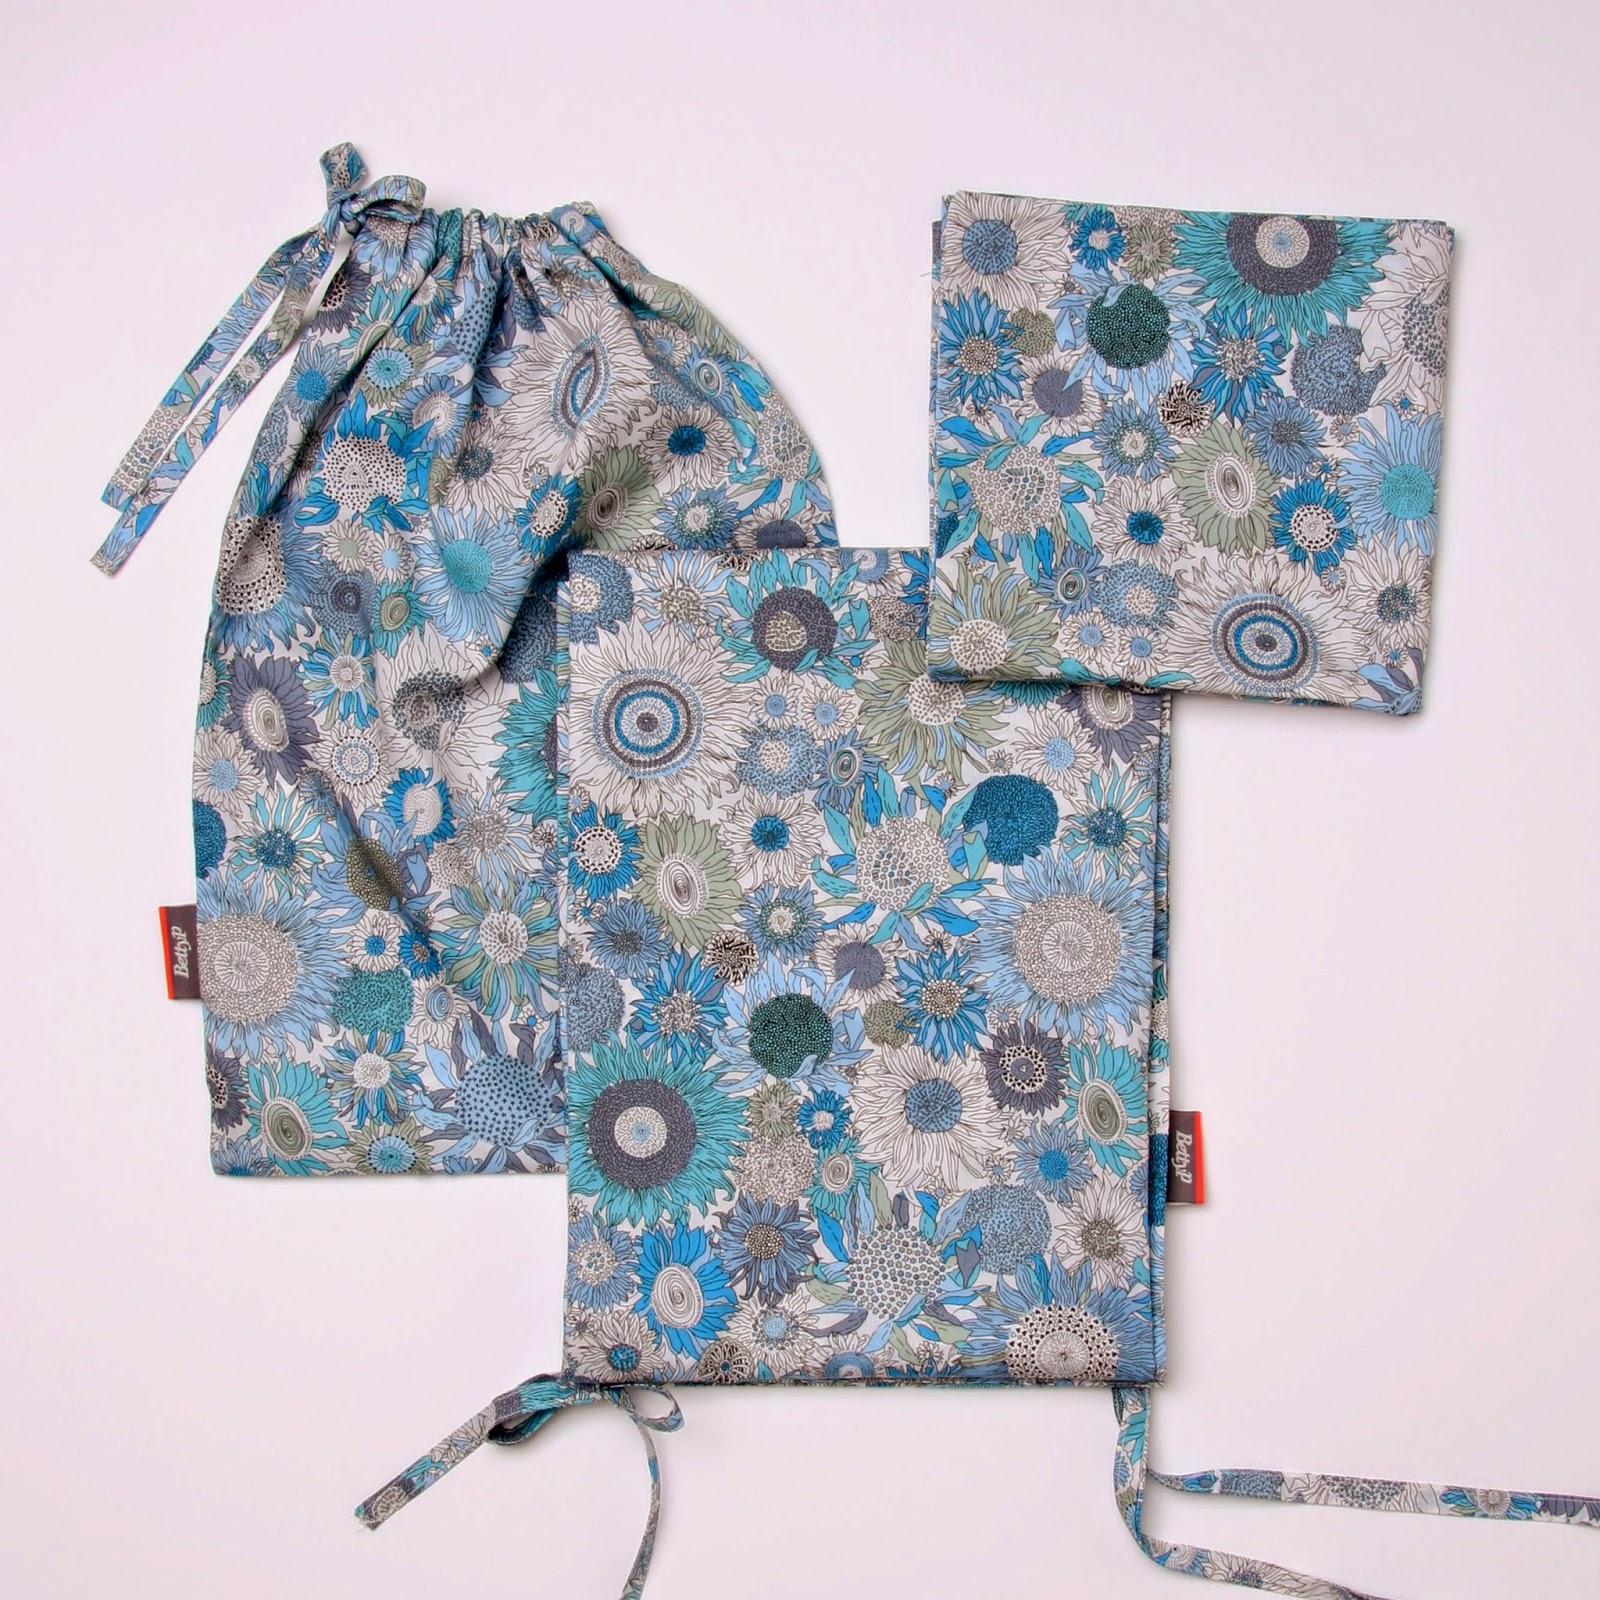 Baby sengetøj i Liberty small Susanna i blå farver bestående af babydyne betræk, baby hovedpude betræk og syet pose.